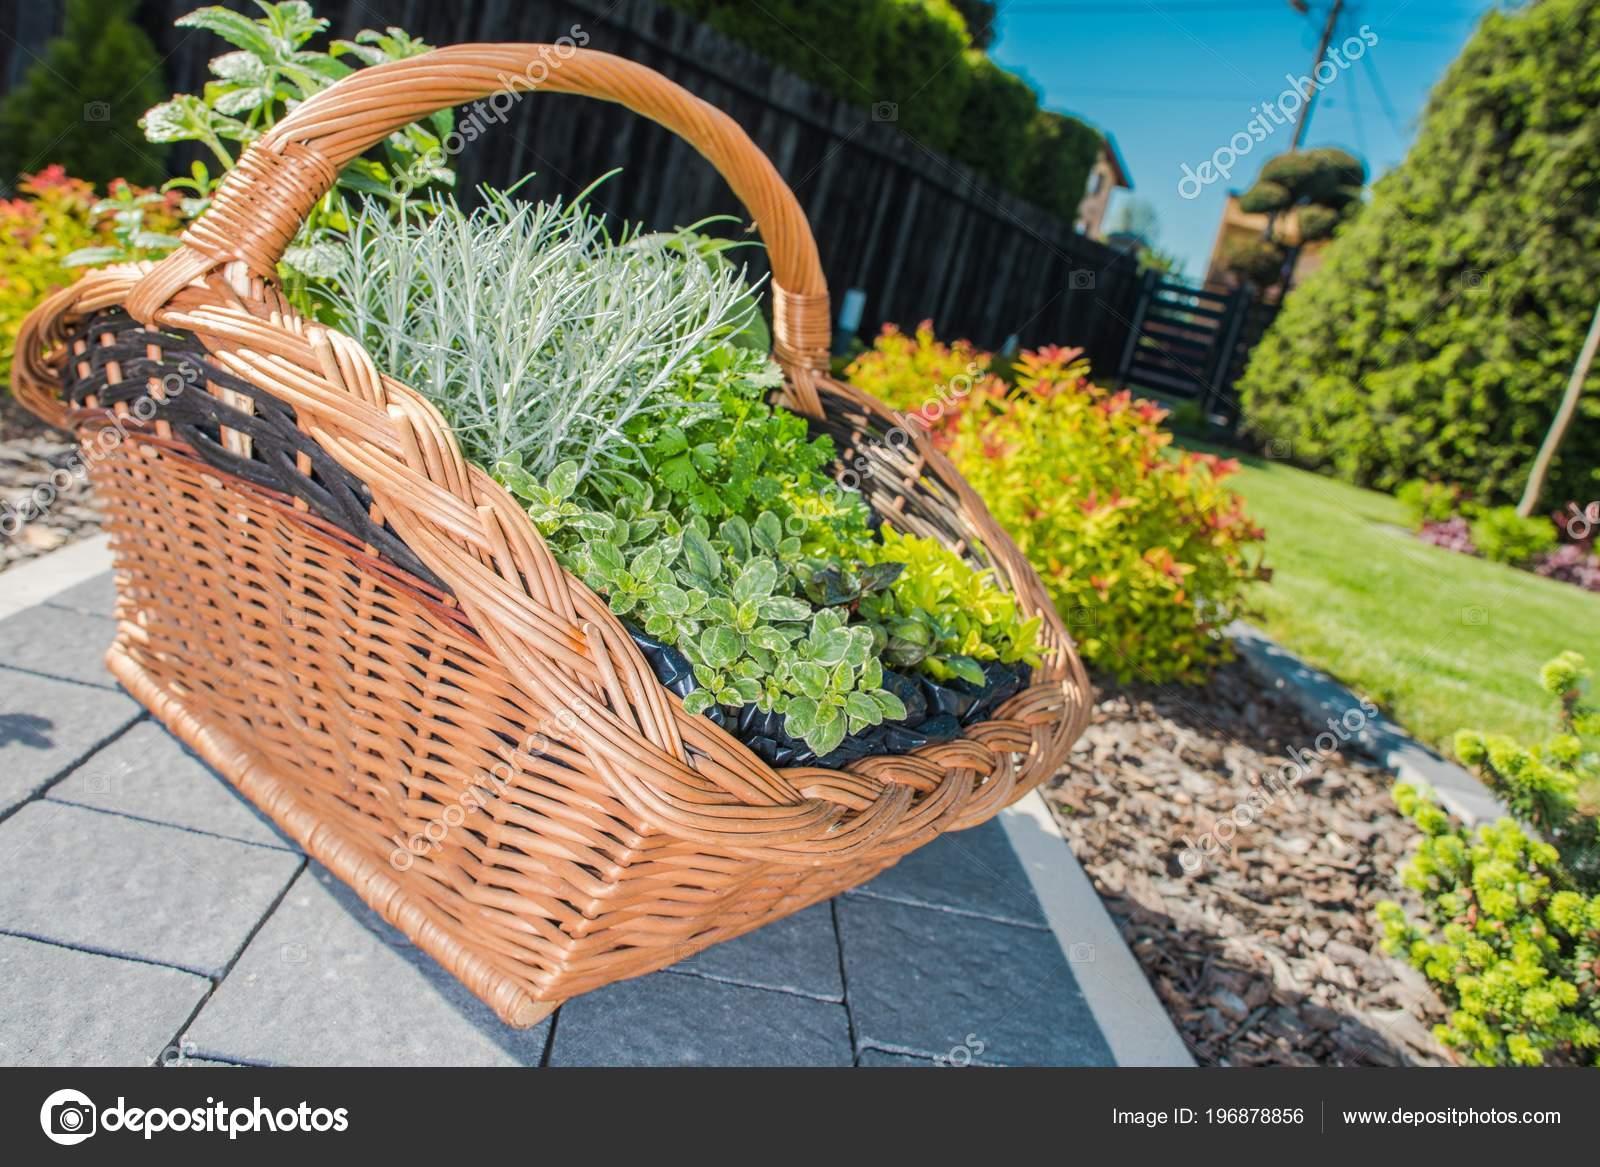 Elementi Decorativi Da Giardino : Cestino vimini pieno piante elemento decorativo del giardino tema